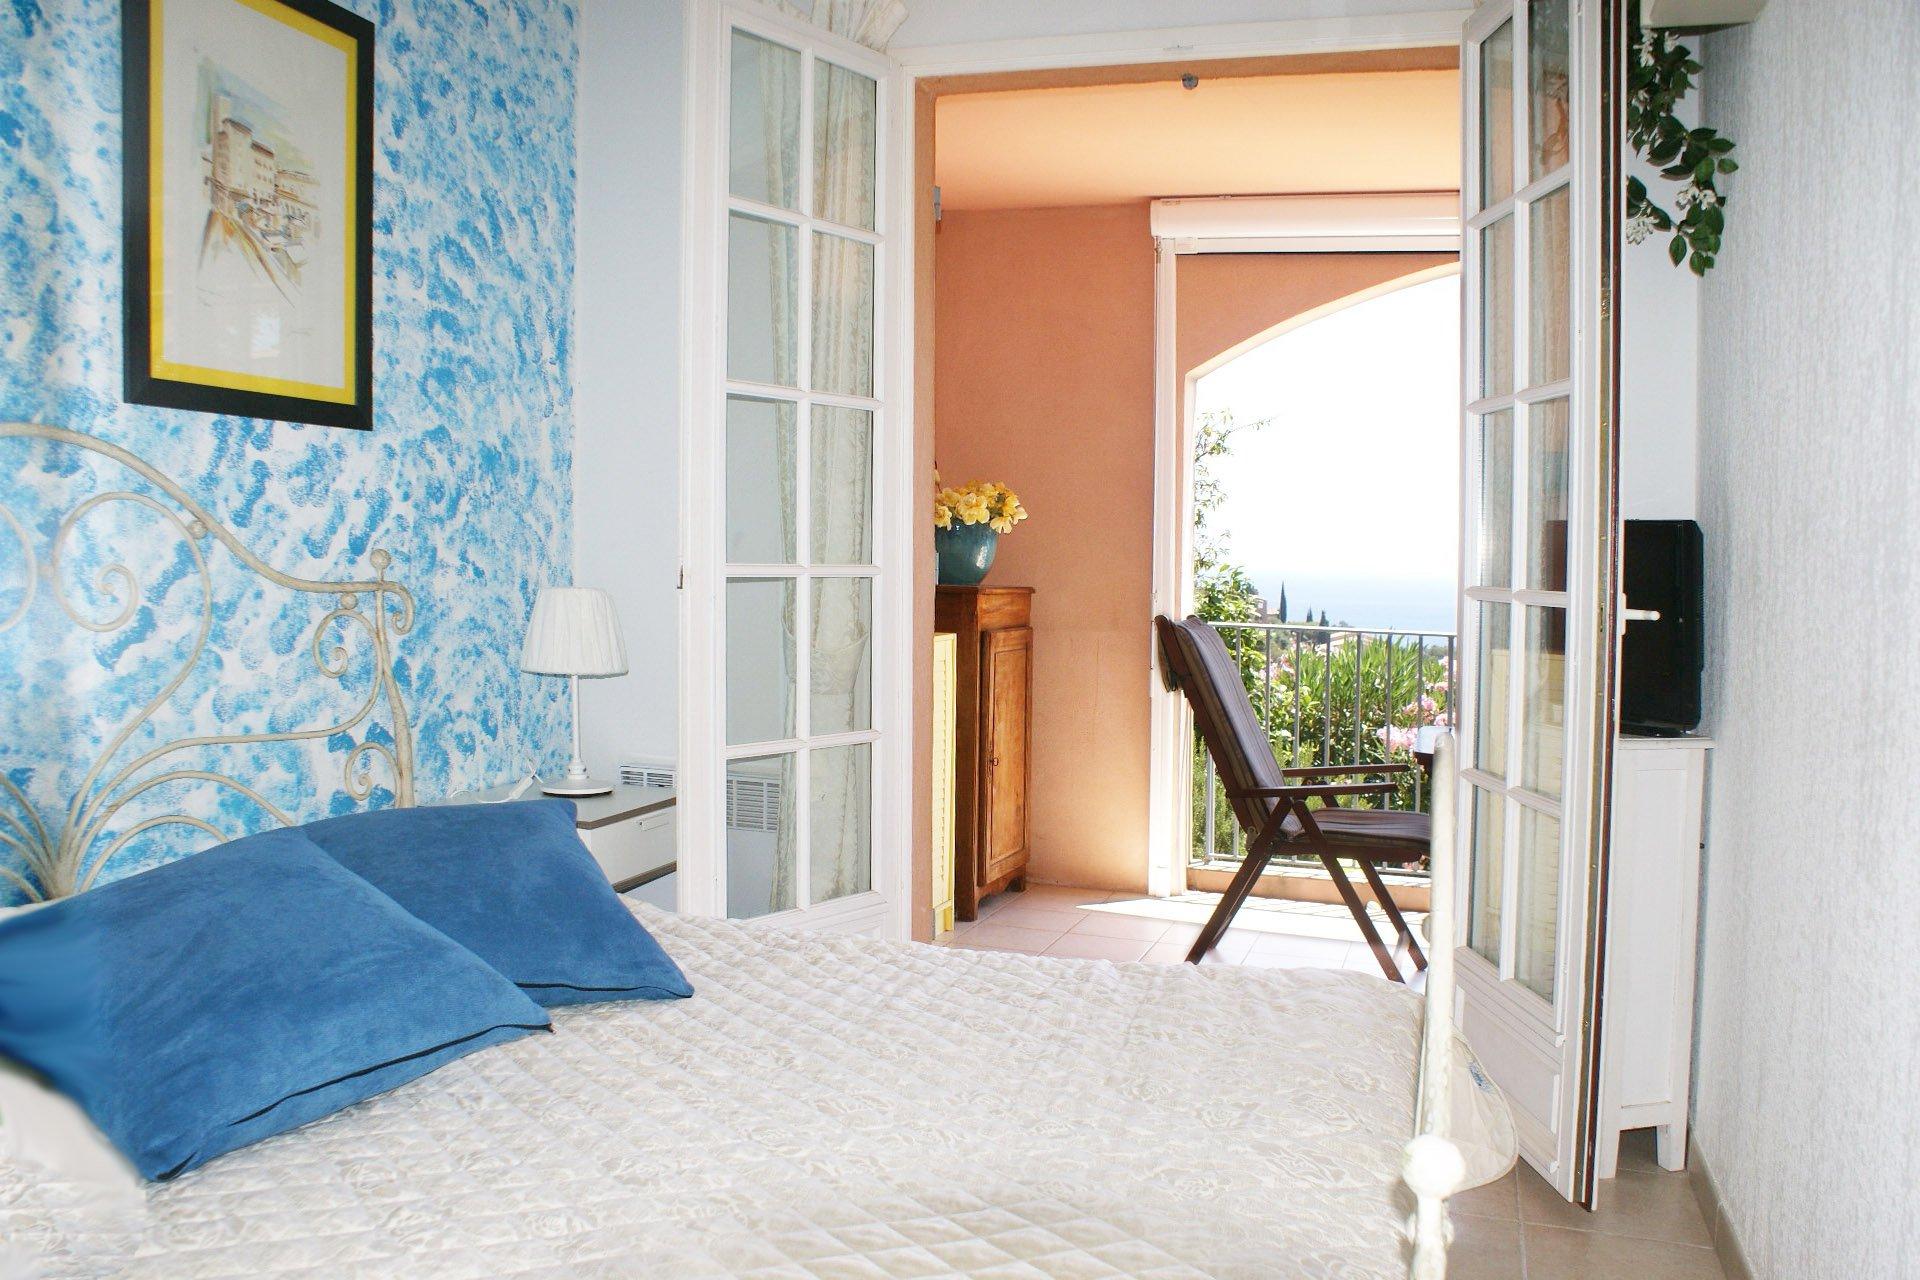 Verkauf Wohnung - Théoule-sur-Mer